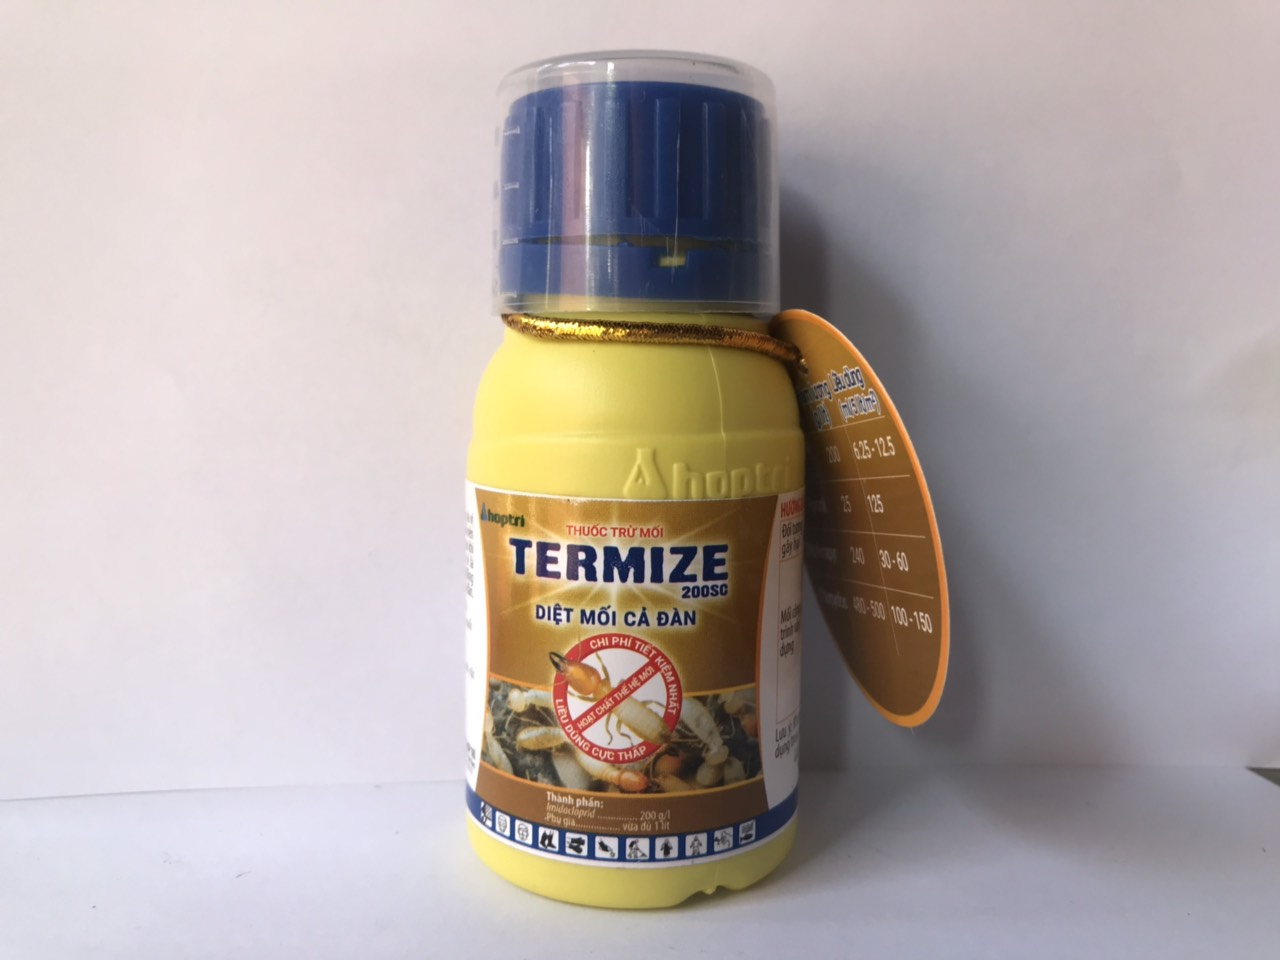 thuốc phòng chống mối termize 200 SC